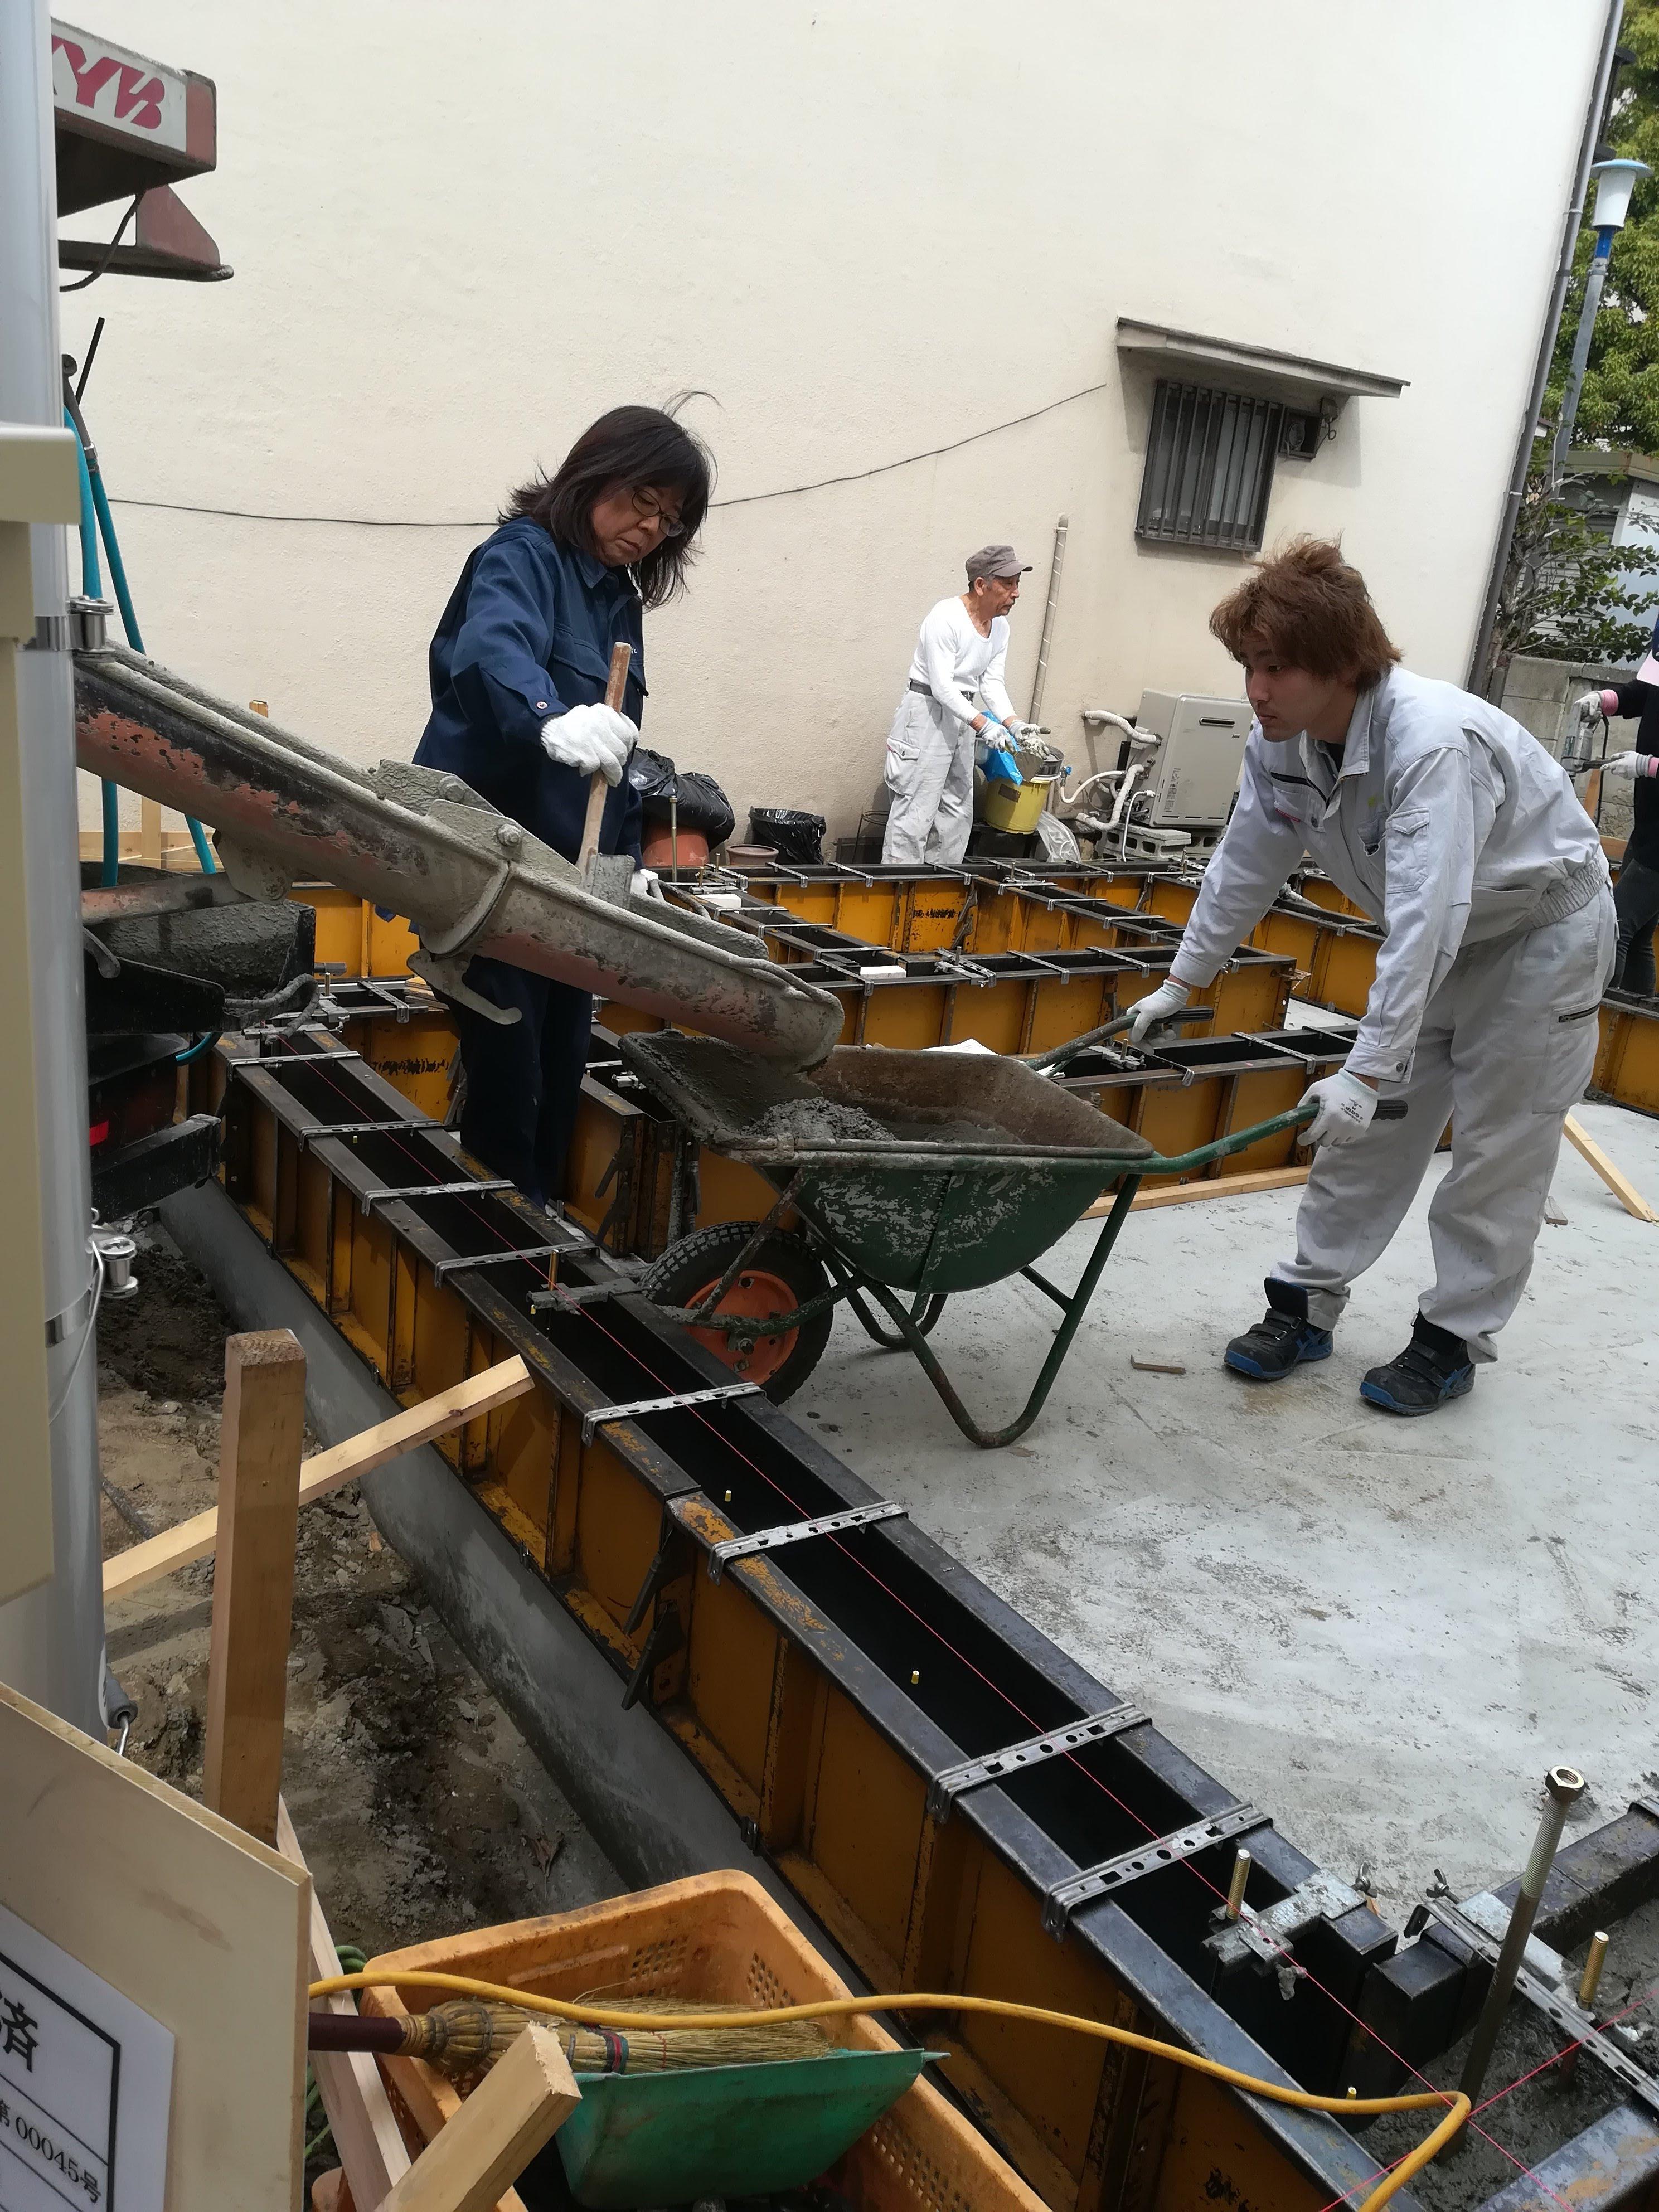 東京のいわゆる「下町」のひとつで工場や住宅地の広がる地域です。北千住駅近辺を中心として栄え、綾瀬・西新井・竹ノ塚あたりが住みやすい地元の優良工務店、建設会社SPプロテクションズ